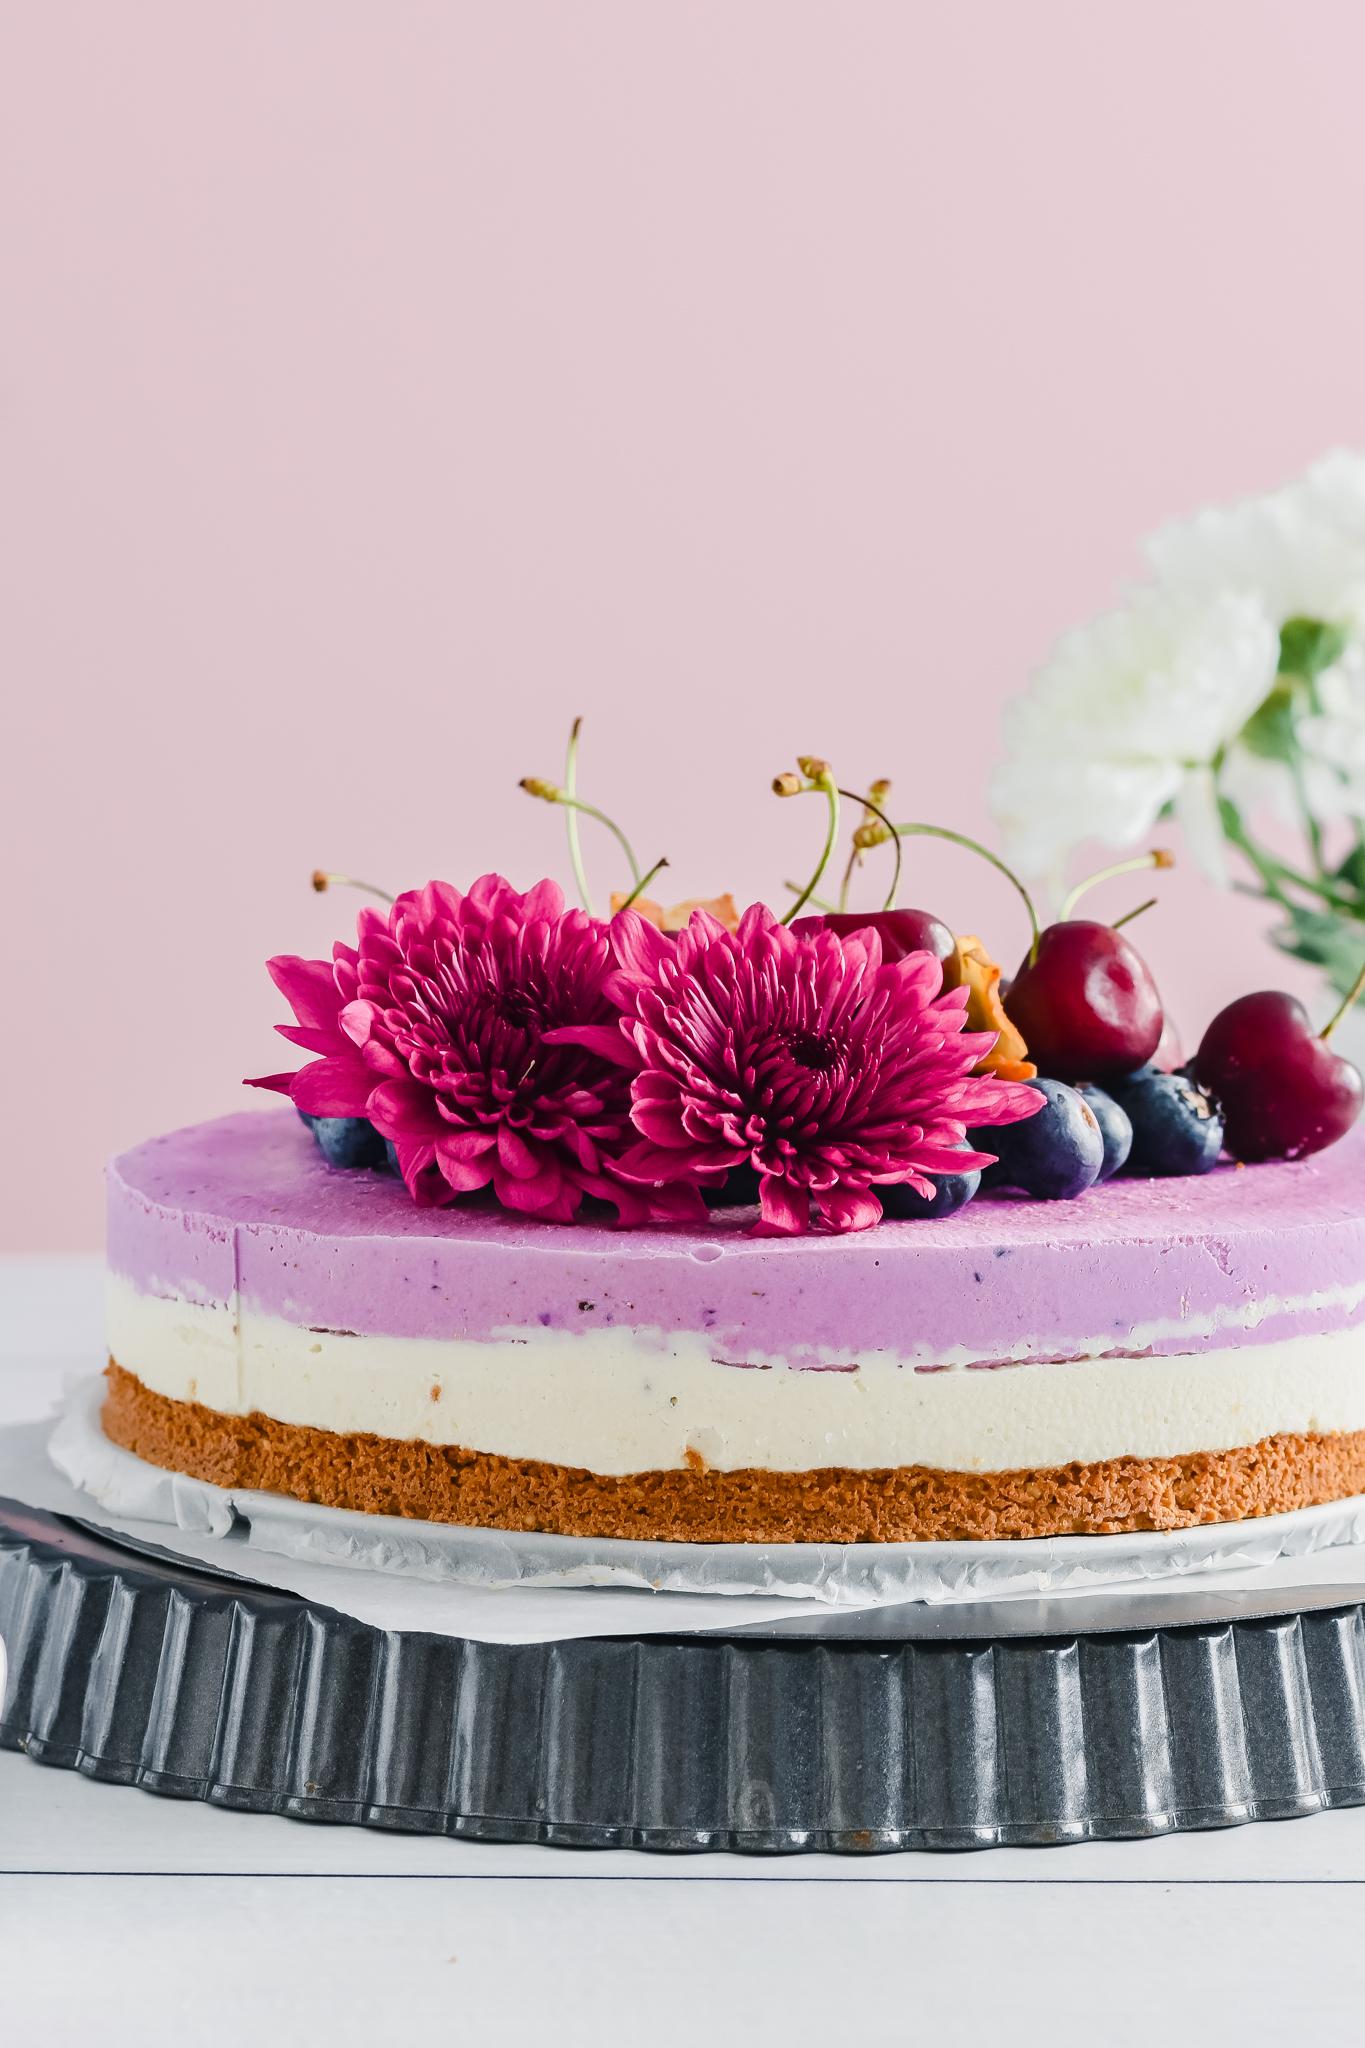 3 Layered Vegan Blueberry Cheesecake